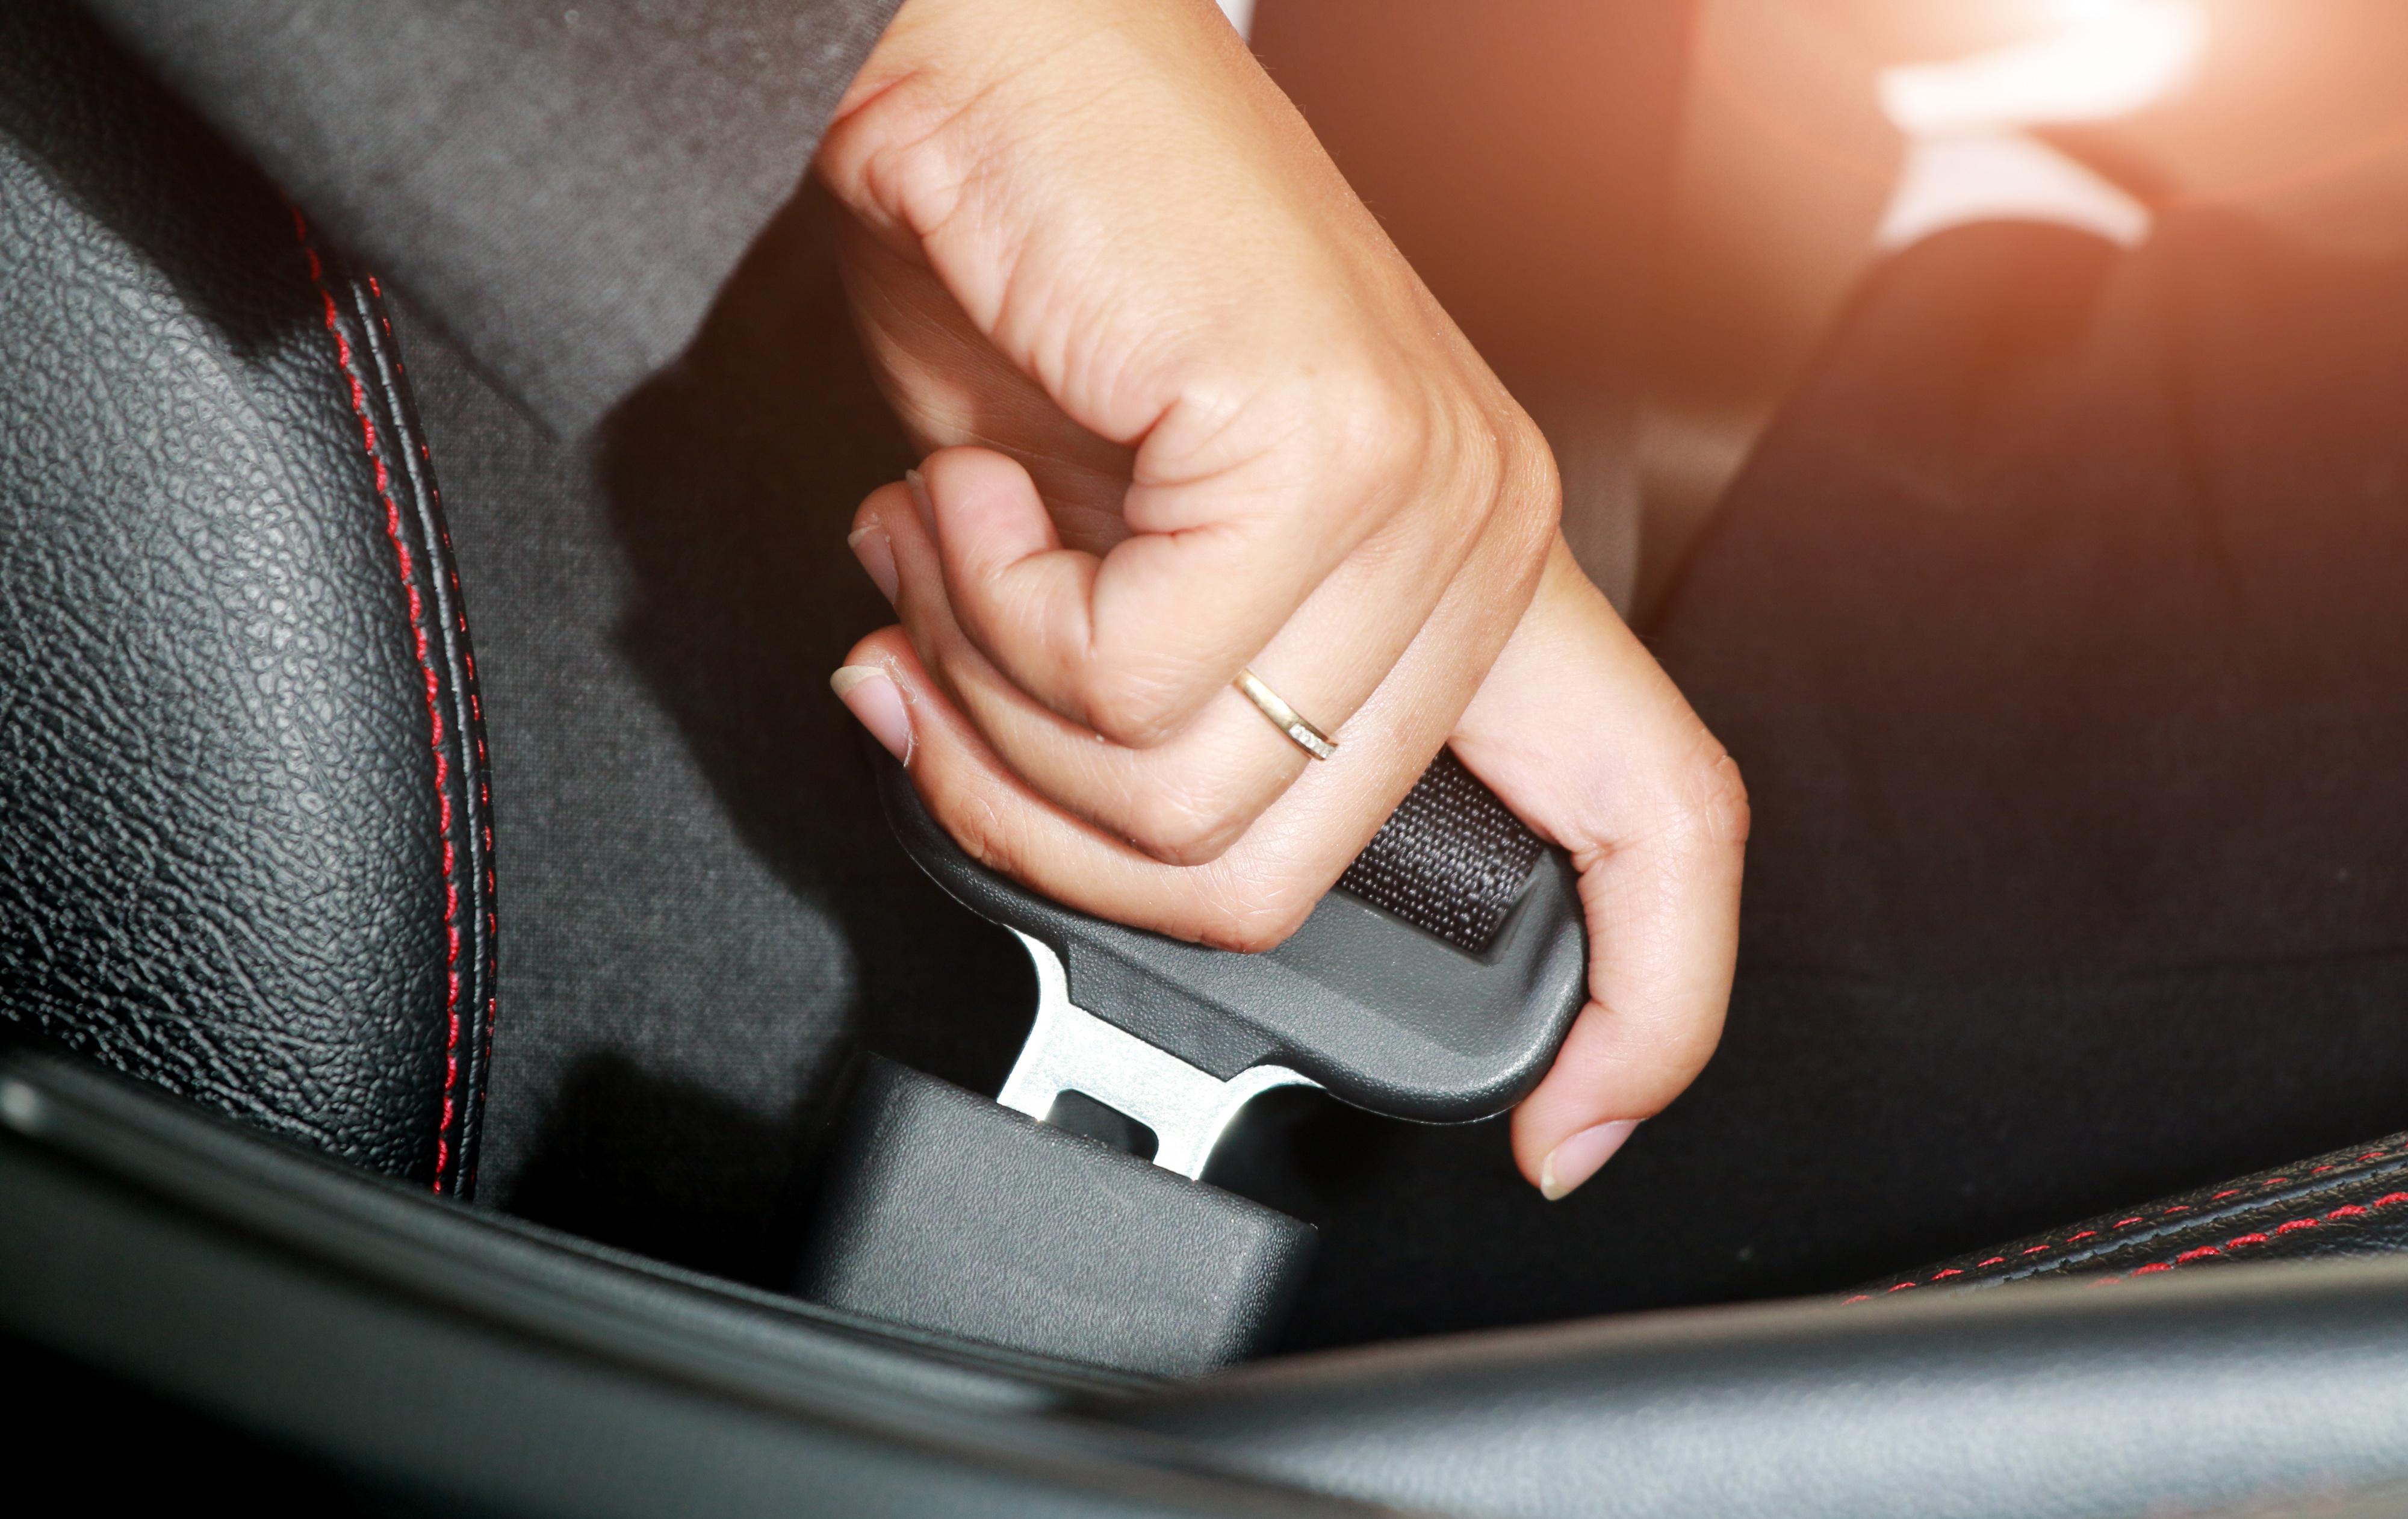 Güvenli Sürüş Talimatı